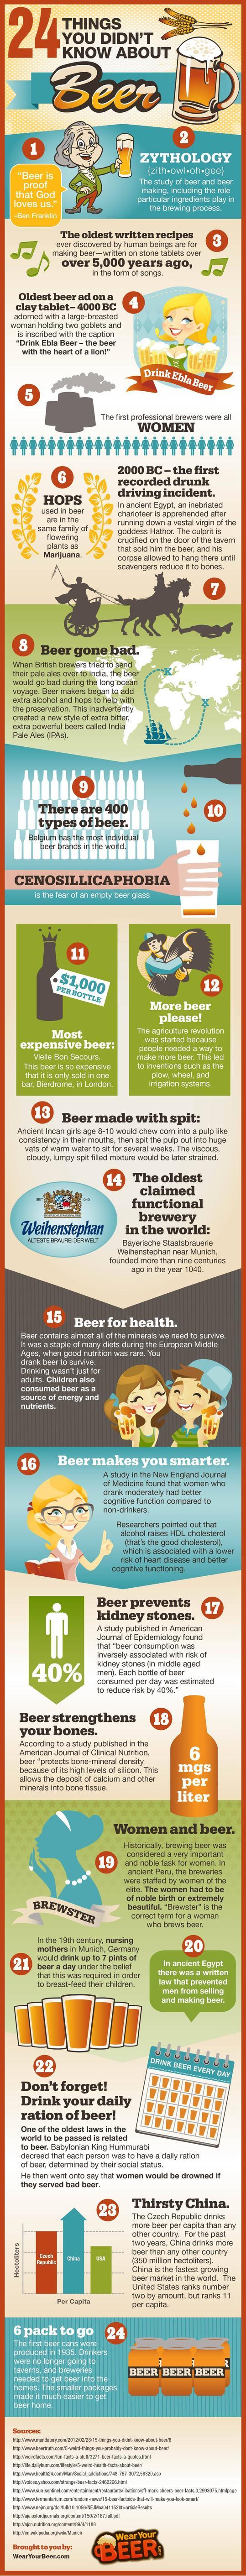 24 Dinge, die du vielleicht noch nicht über Bier wusstest